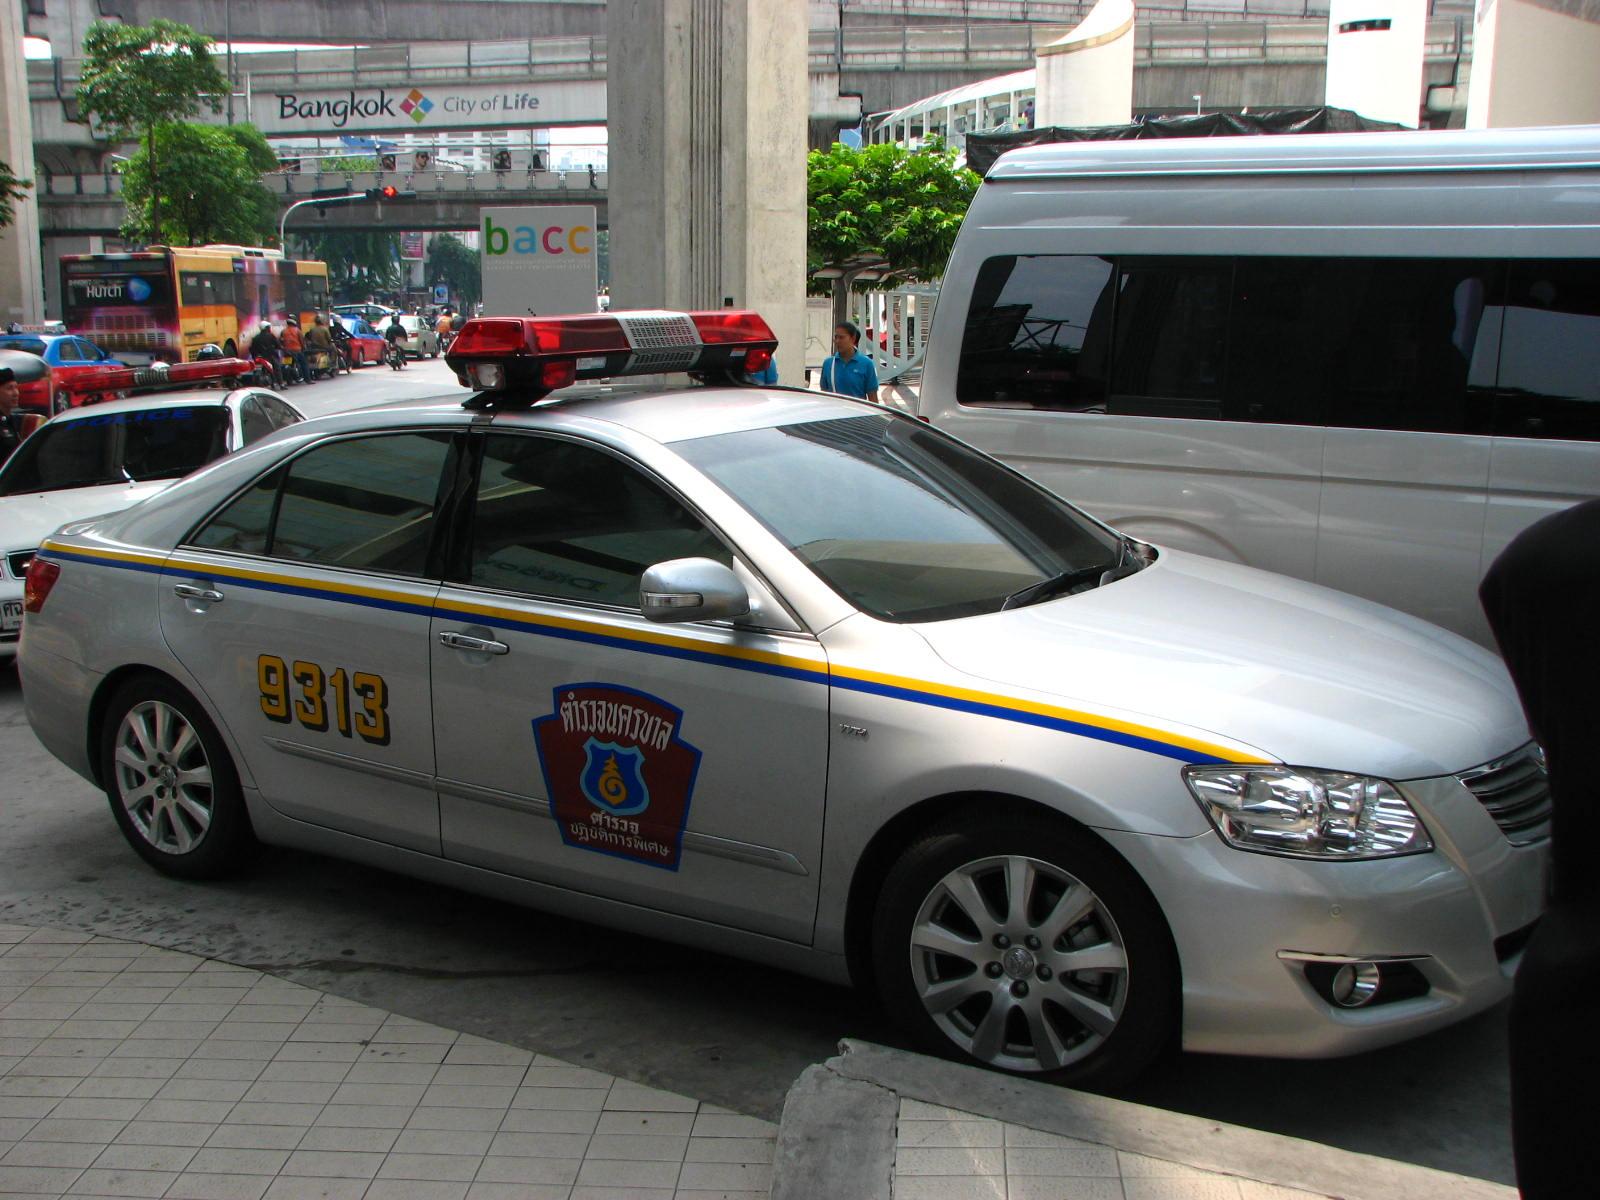 СМИ: вравшему таиландской полиции россиянину грозит тюремный срок